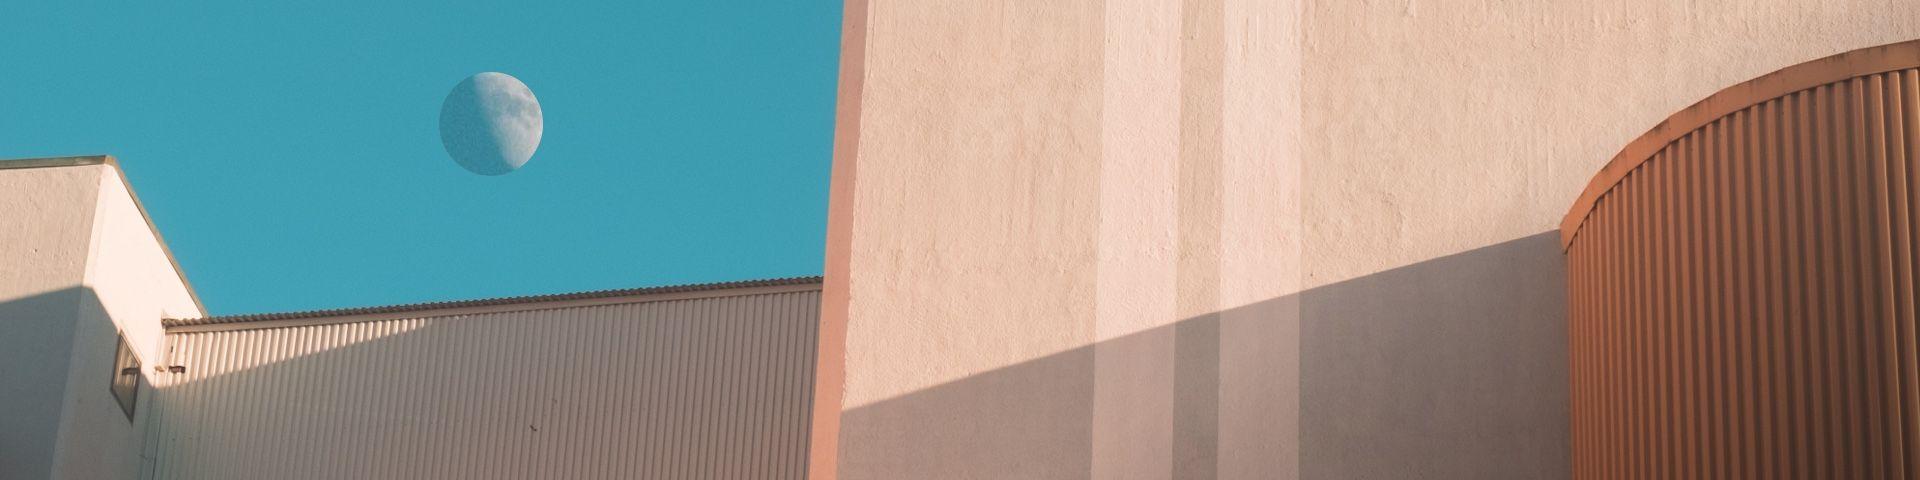 Mond oberhalb von Gebäude